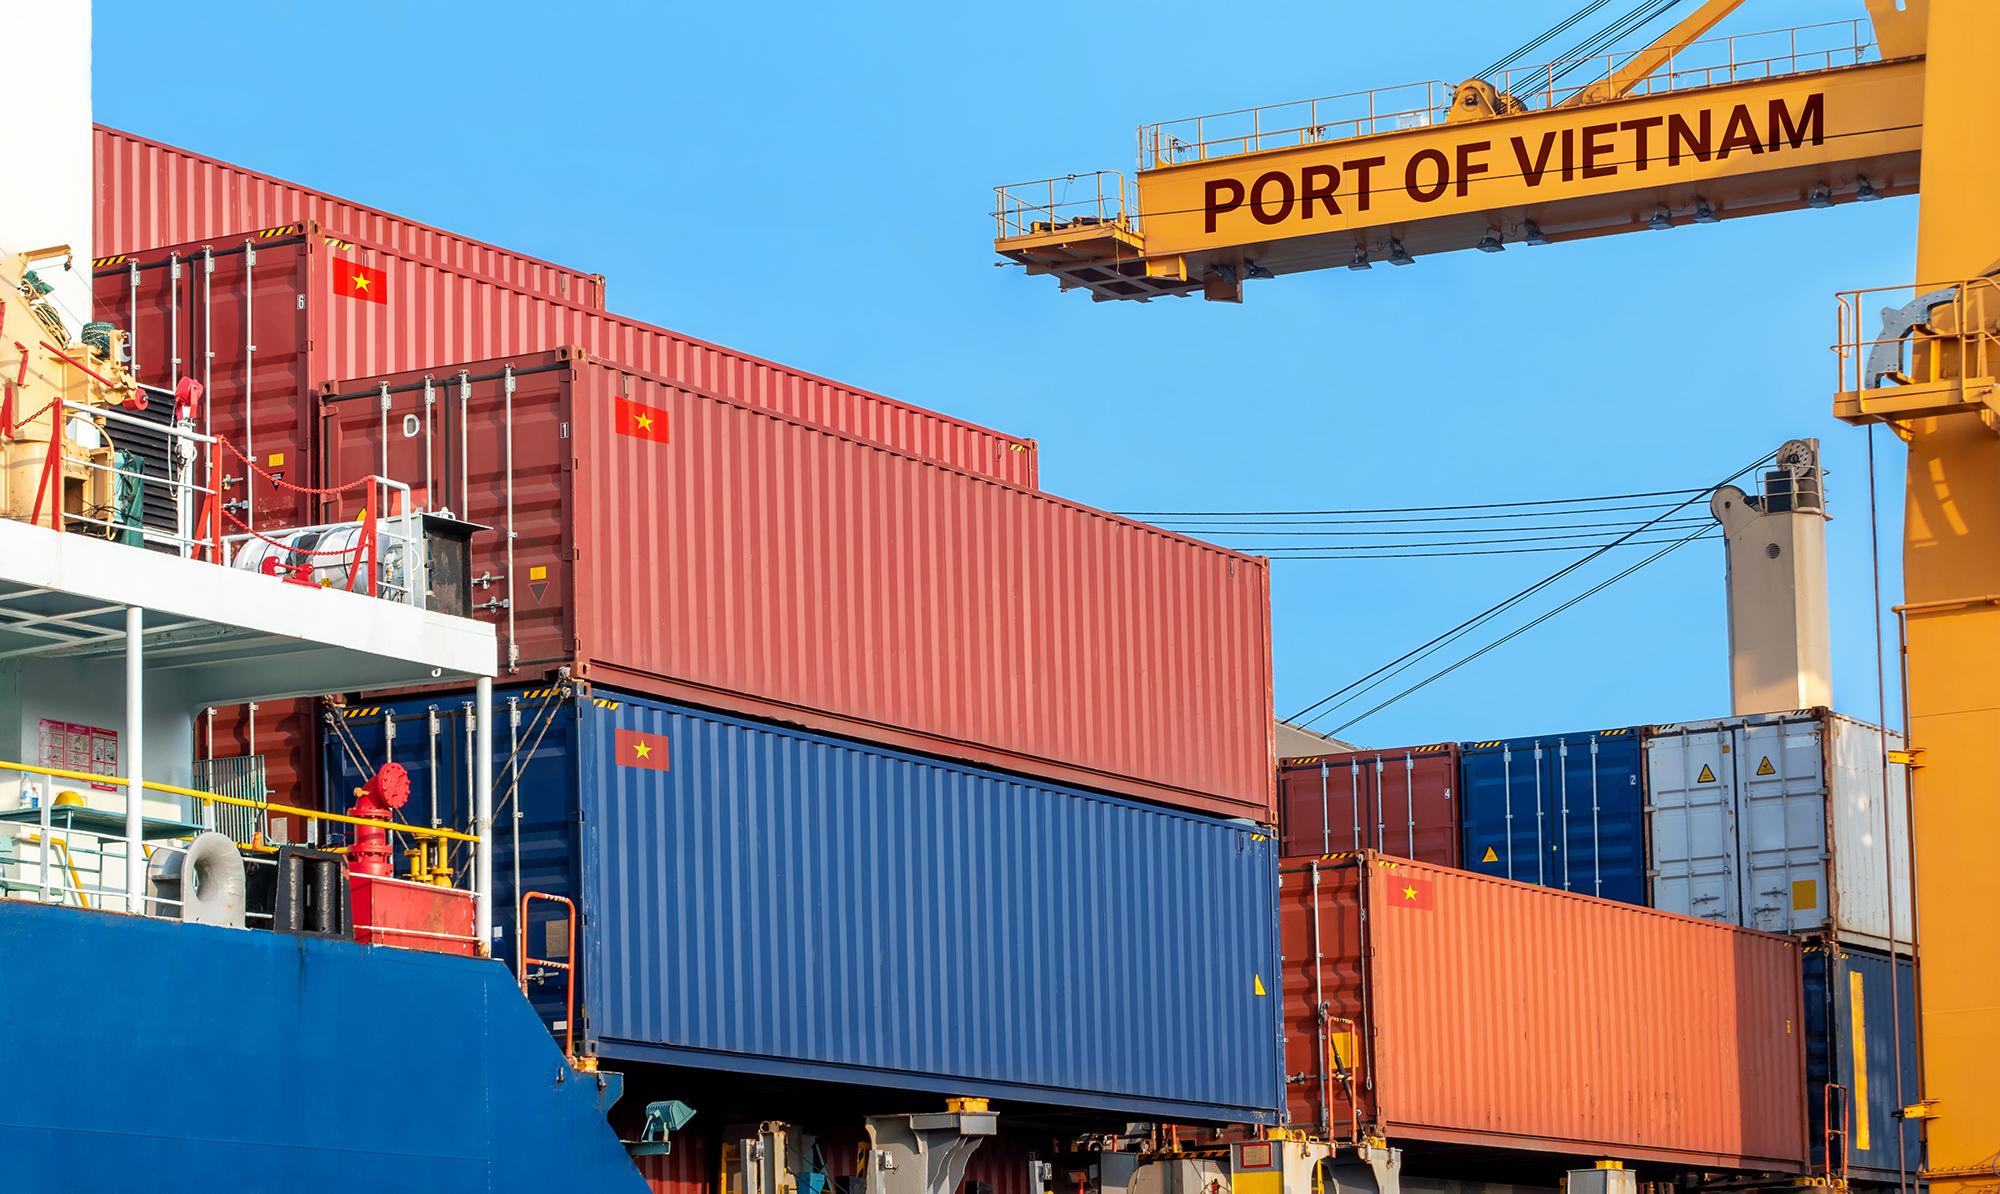 Bloomberg: Mỹ sẽ không tăng thuế với hàng hóa nhập khẩu từ Việt Nam